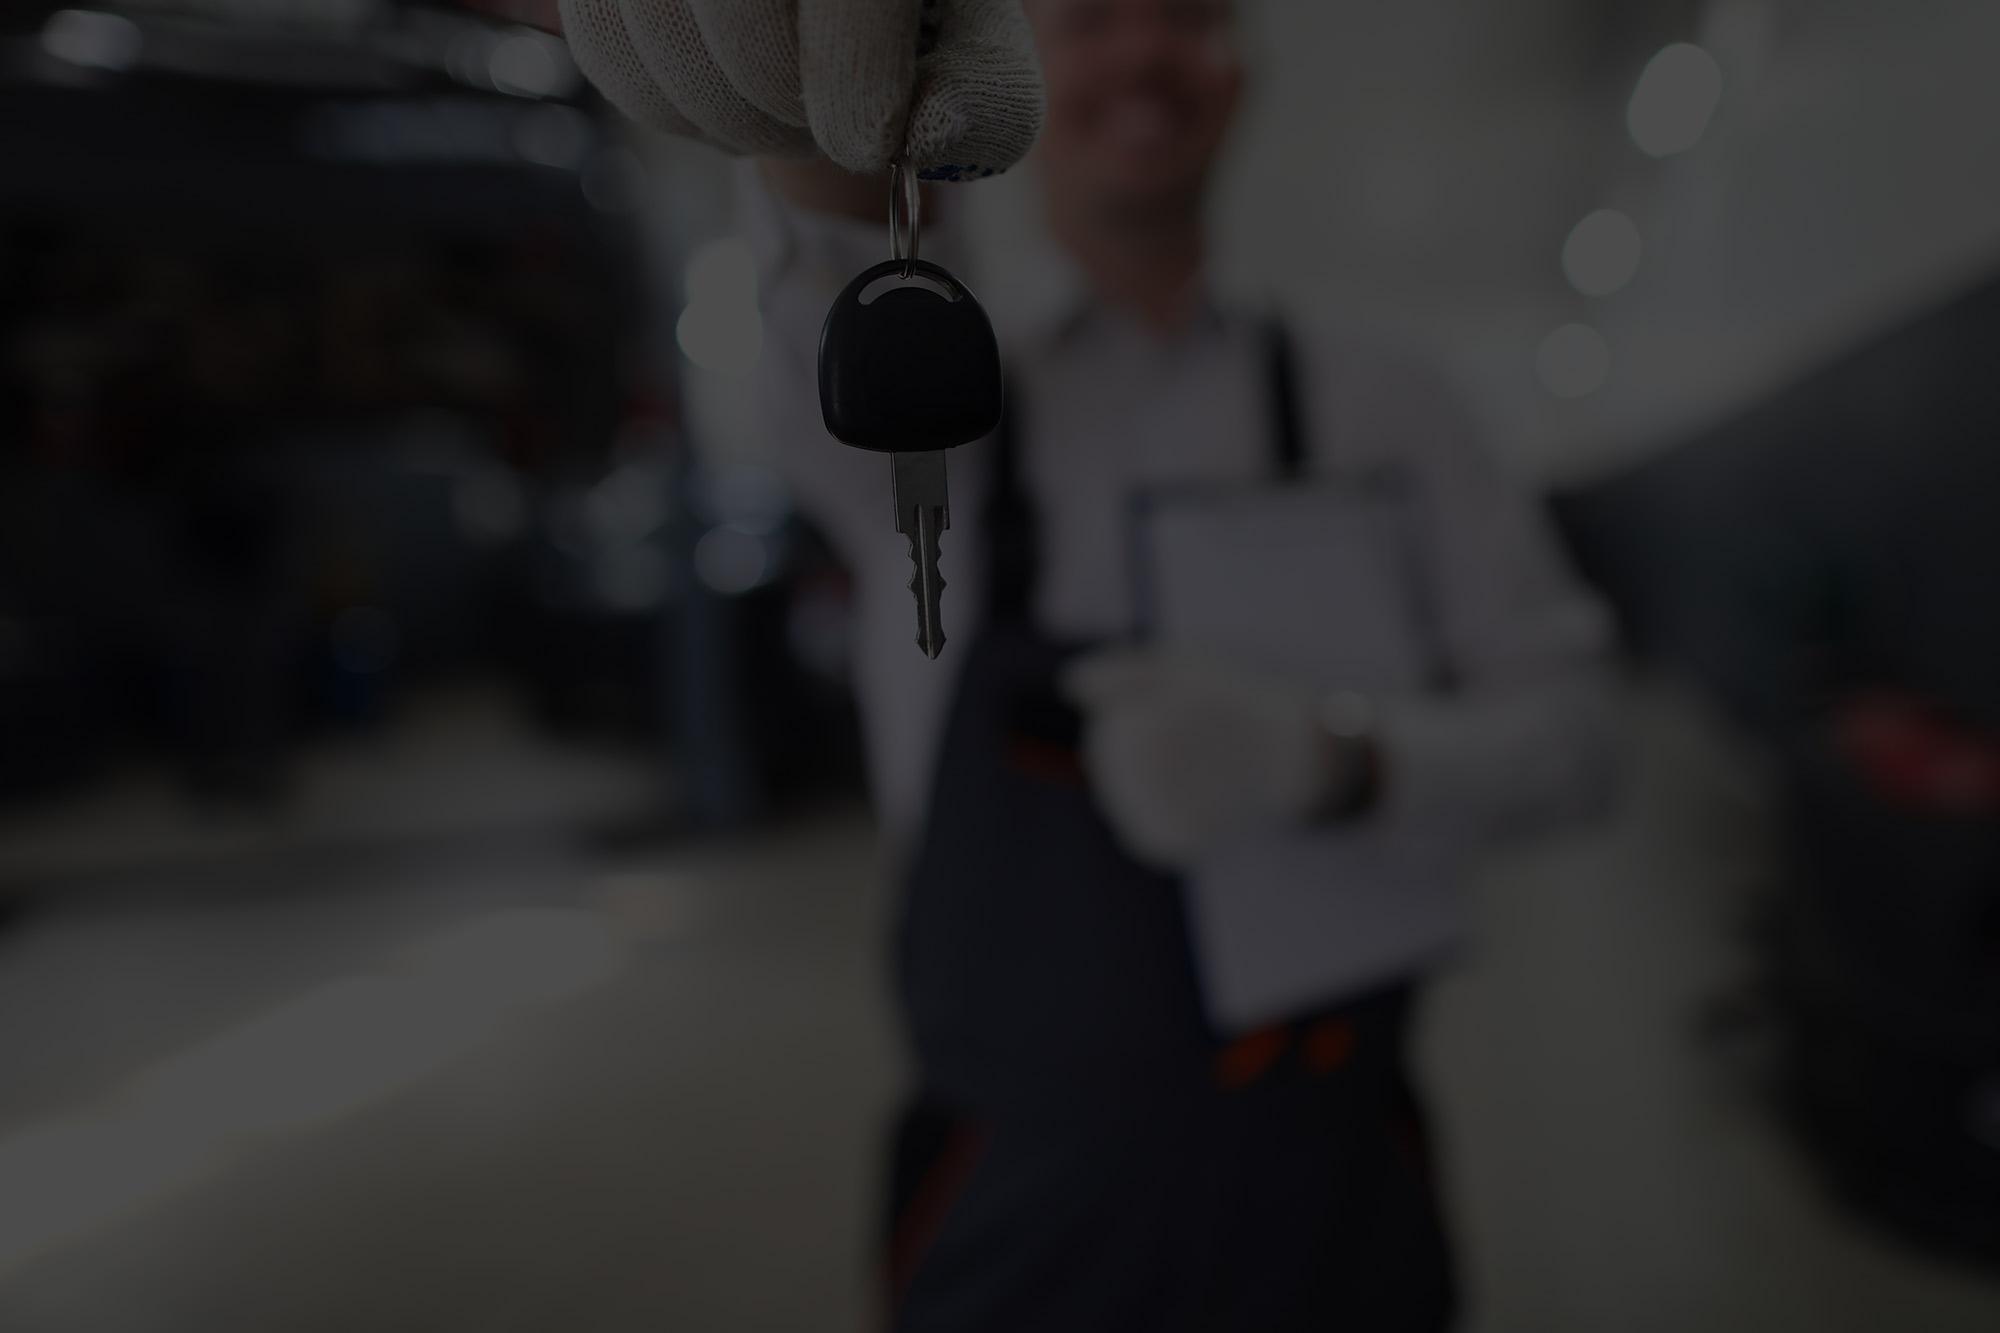 Auto Reinigung Bringservice